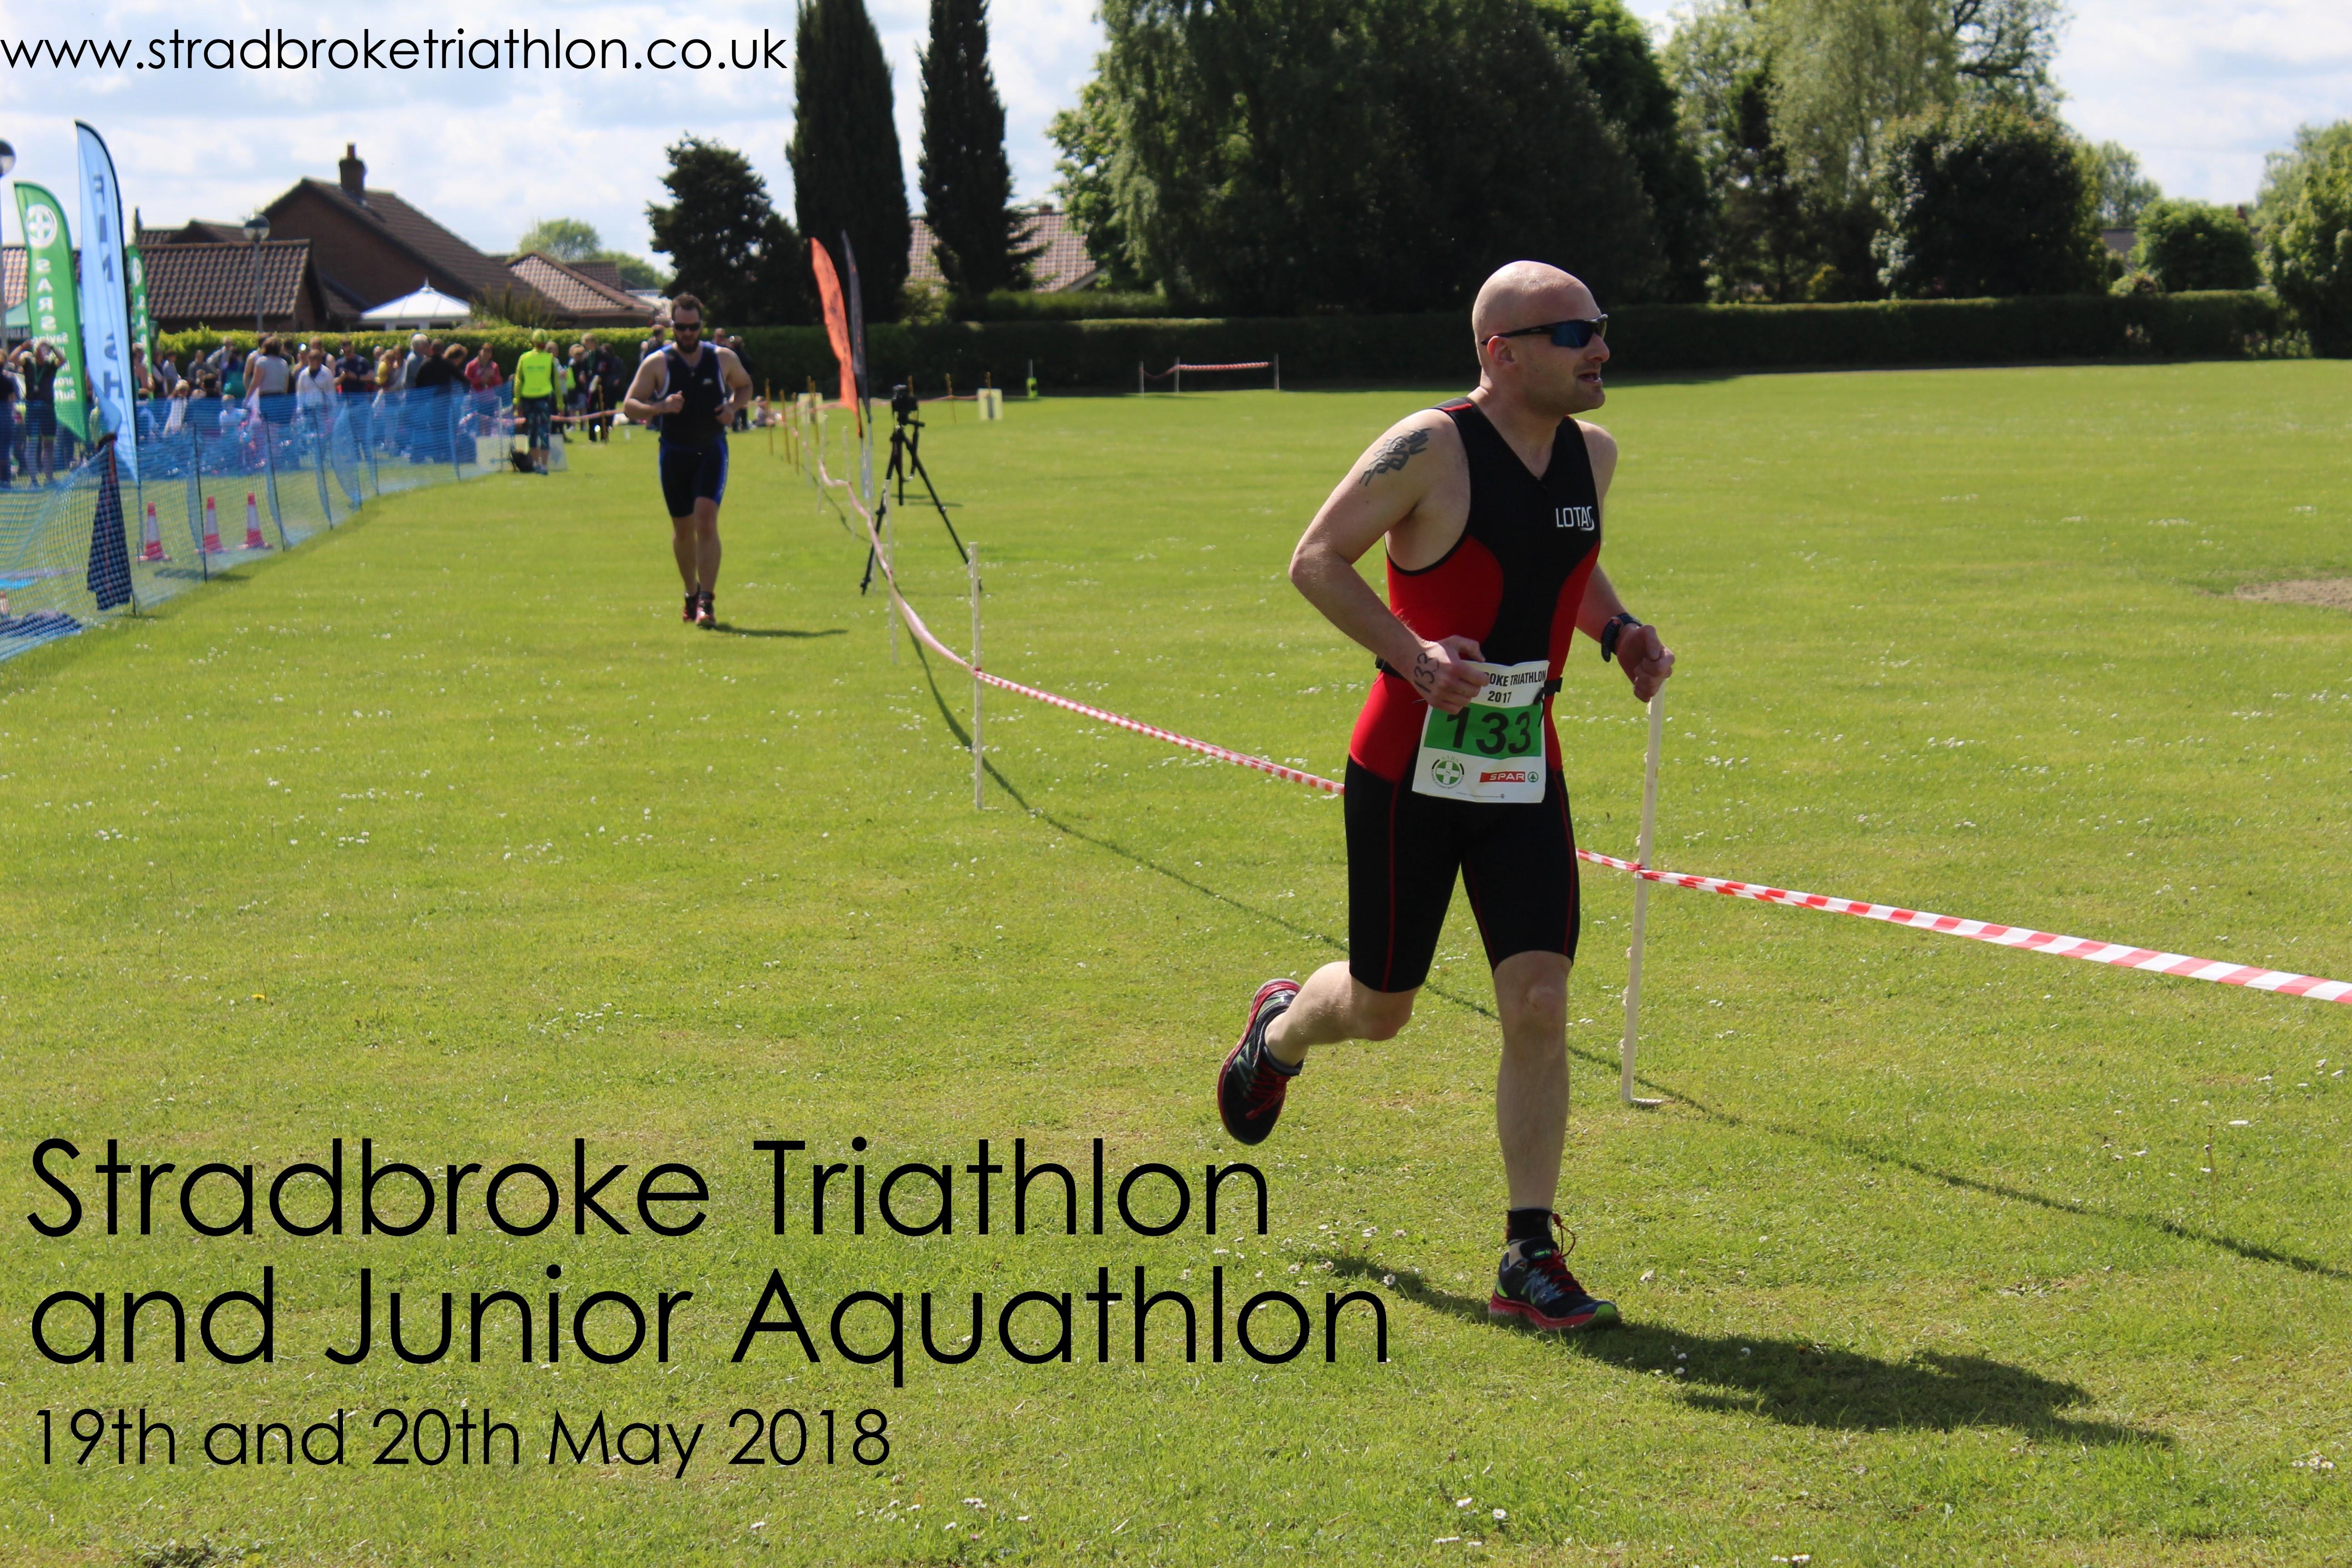 Stradbroke Triathlon - cover image